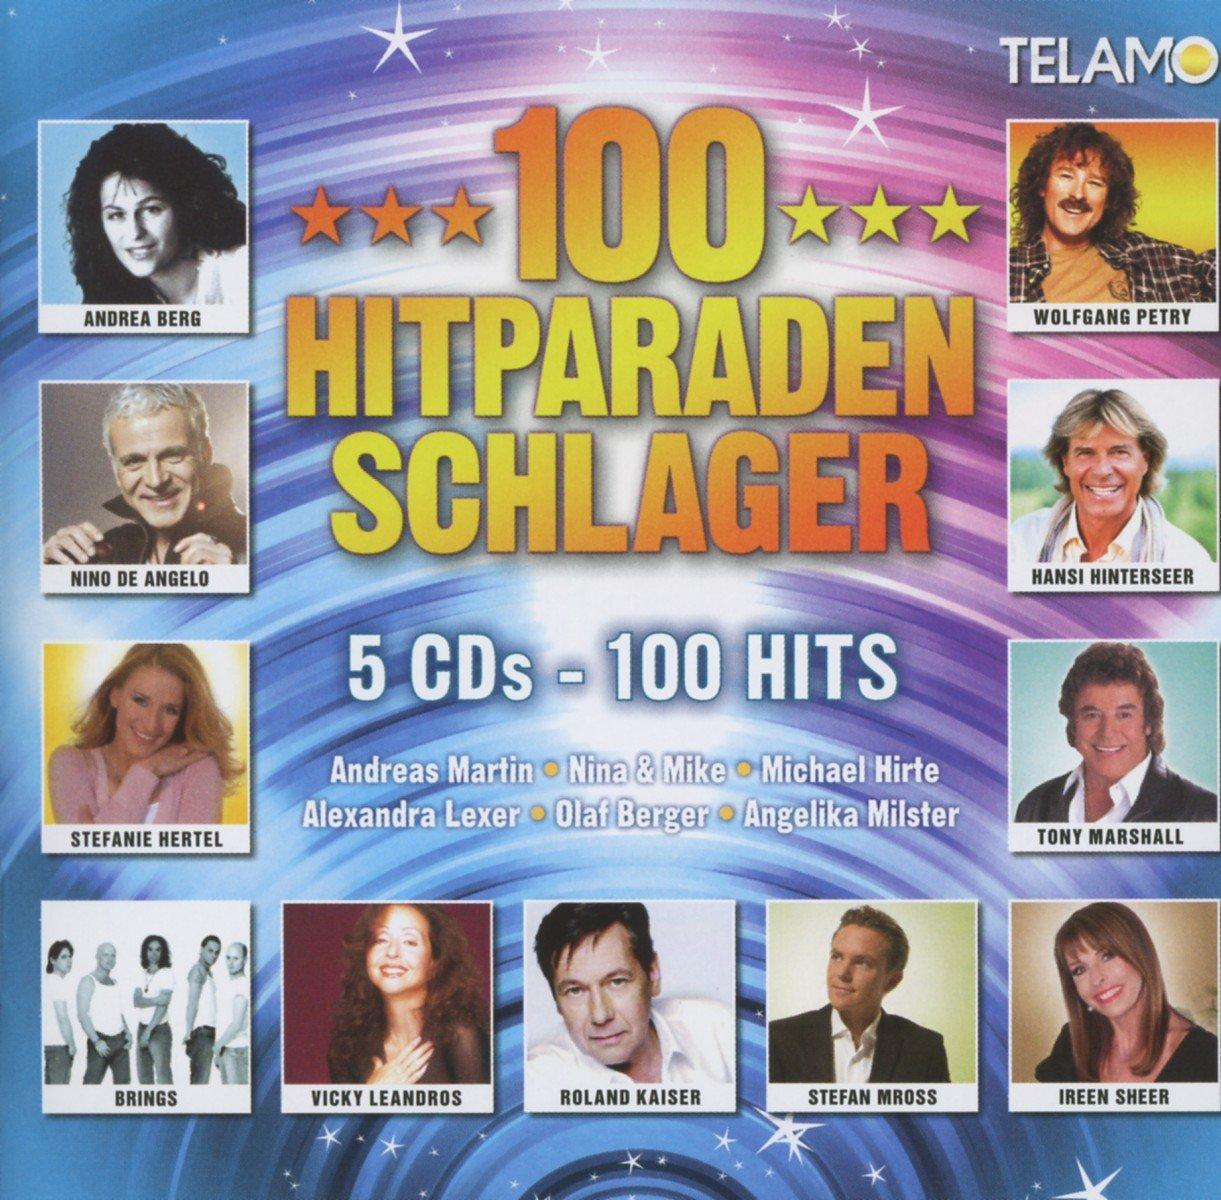 100 Hitparaden Schlager - Various: Amazon.de: Musik